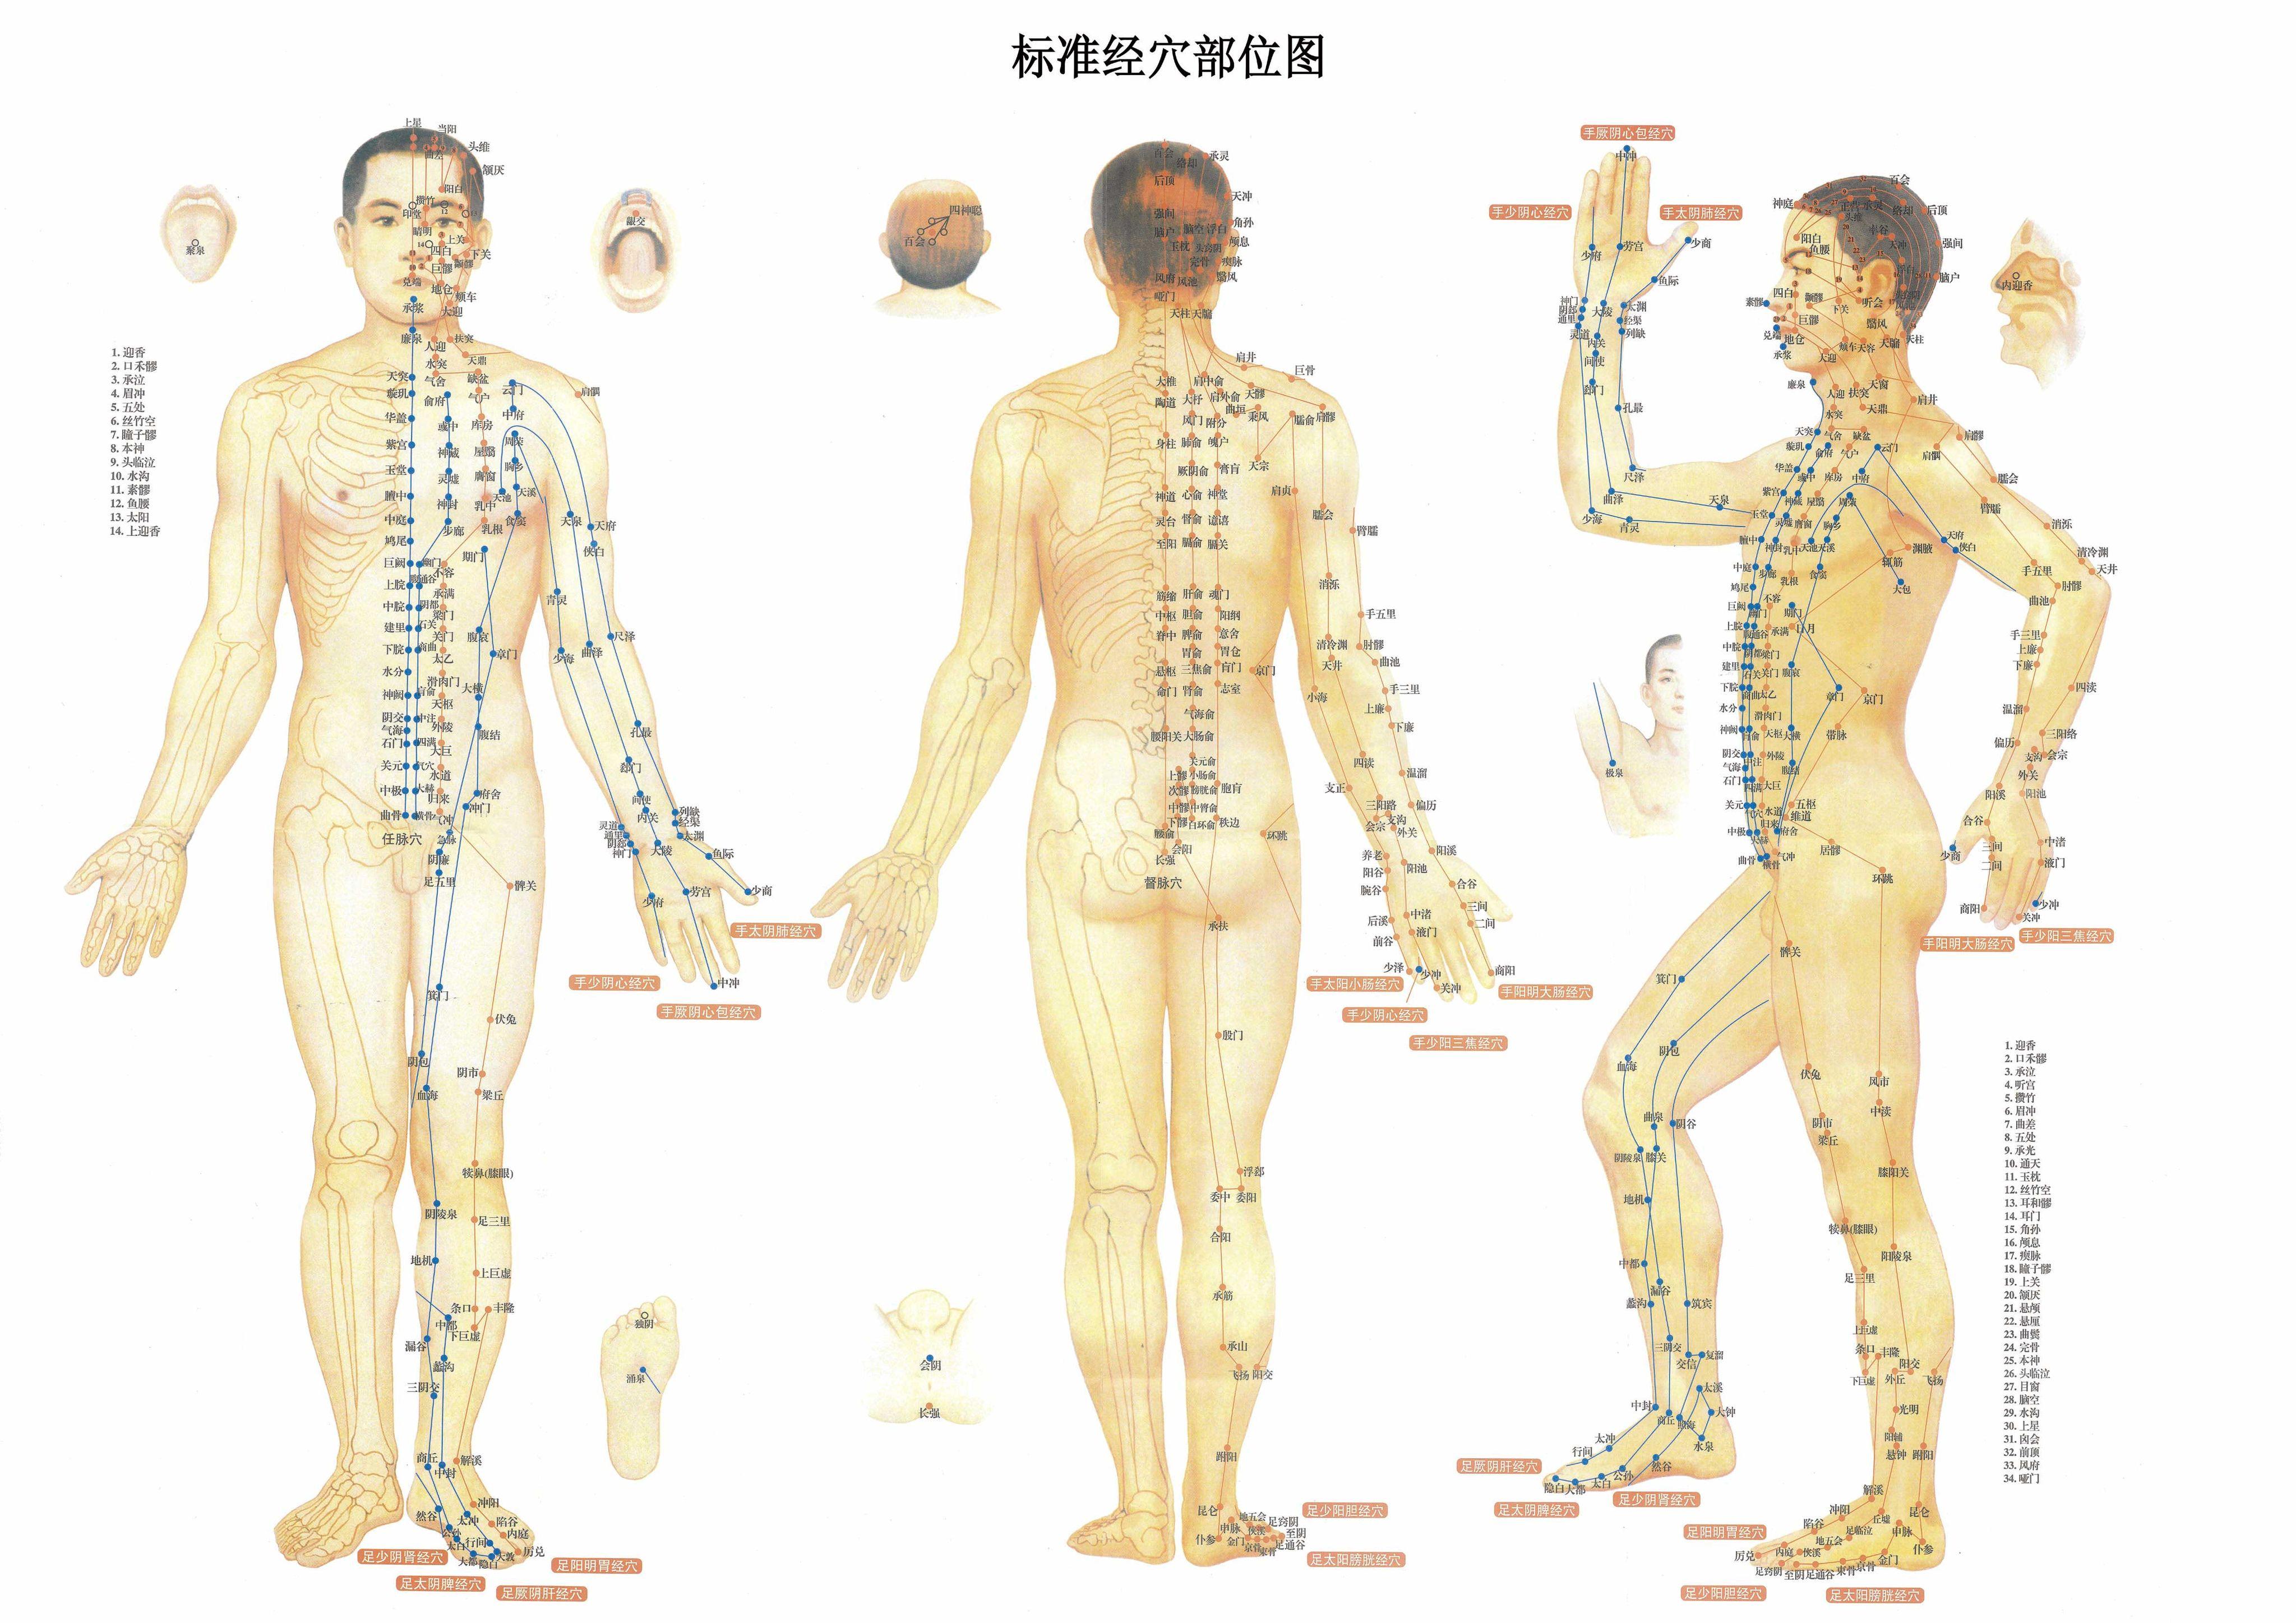 好胸好穴_胸部正中央的穴位叫什么?(最好附张人体学位分布图)谢谢!